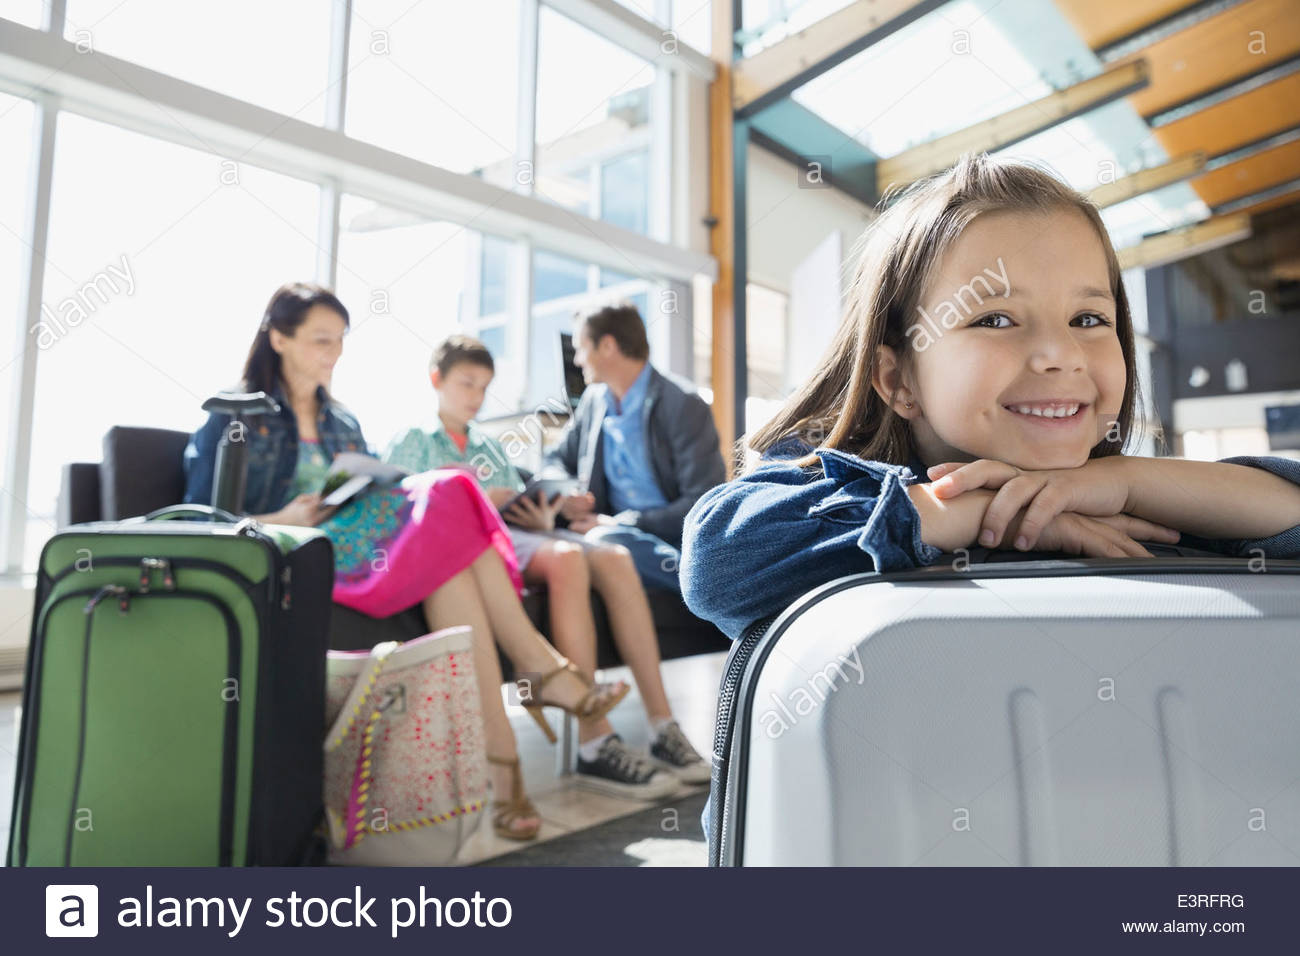 Ritratto di ragazza sorridente in attesa in aeroporto Immagini Stock